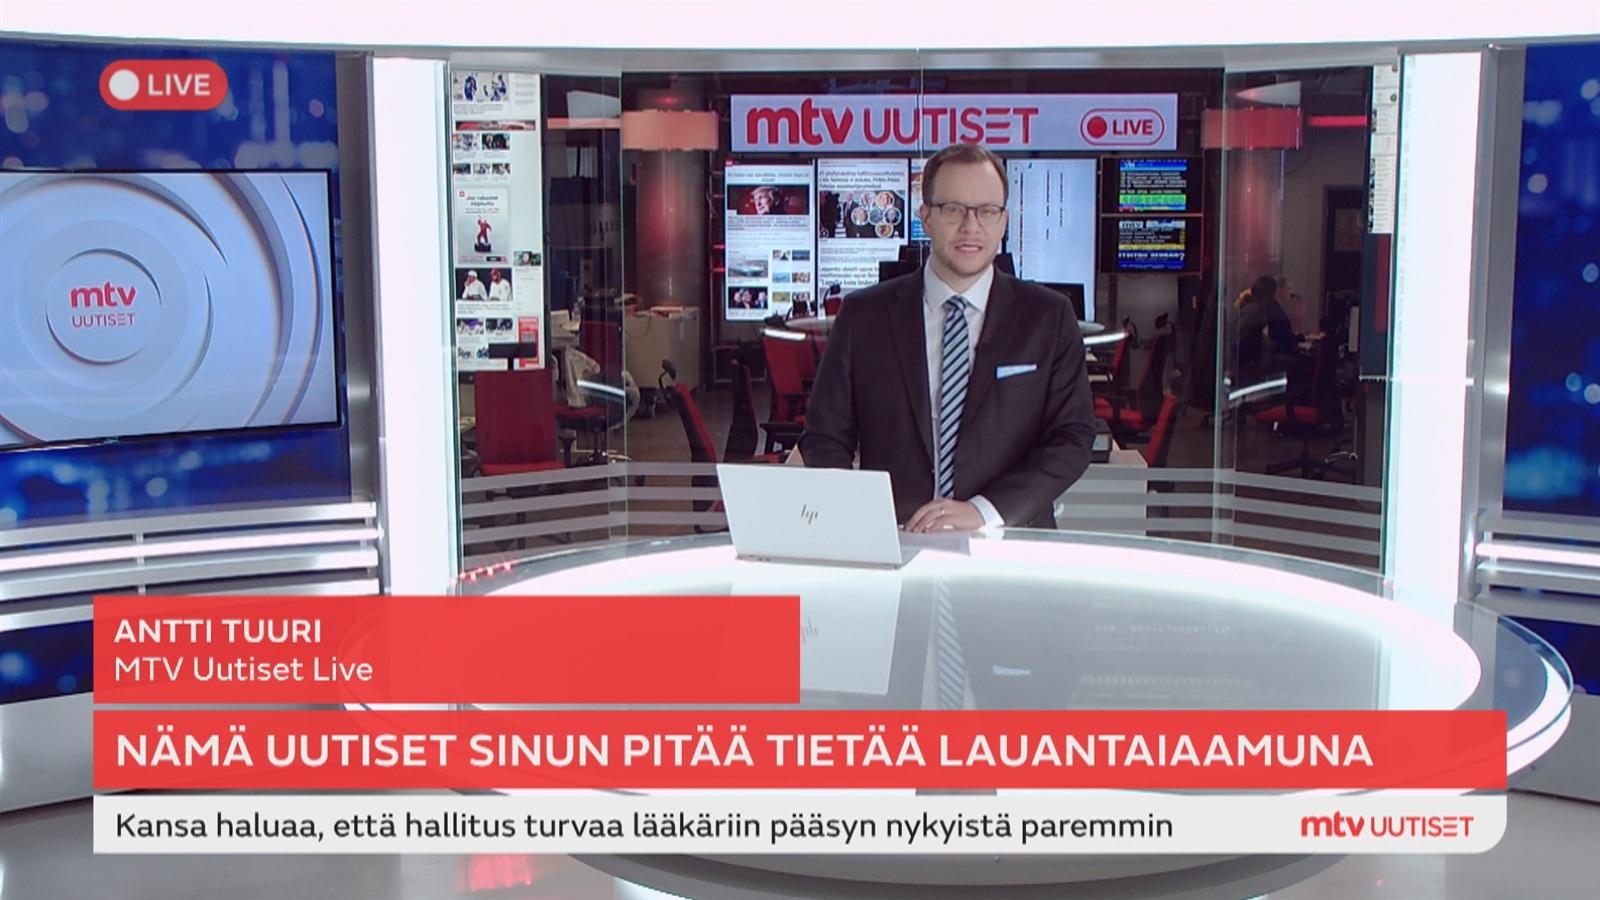 Mtv/Uutiset